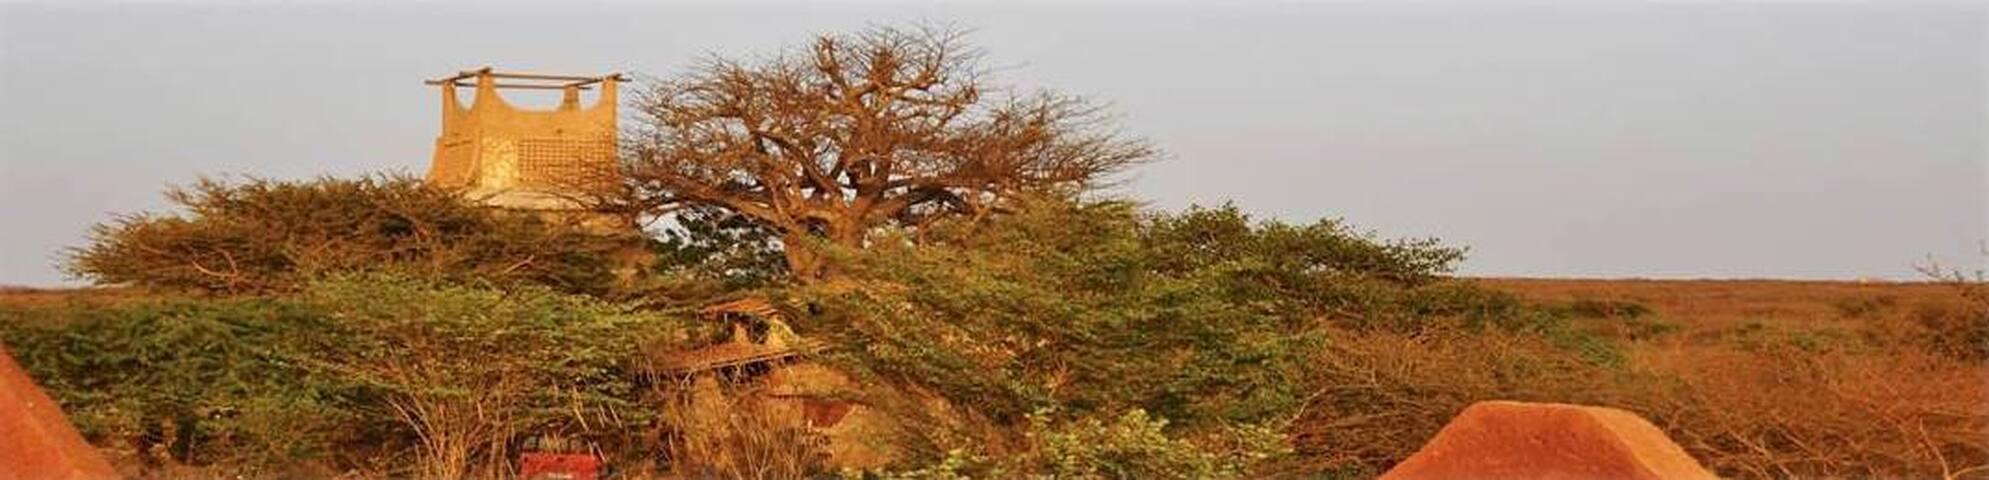 Djarama- Pôle Culturel dans brousse - Toubab Dialao